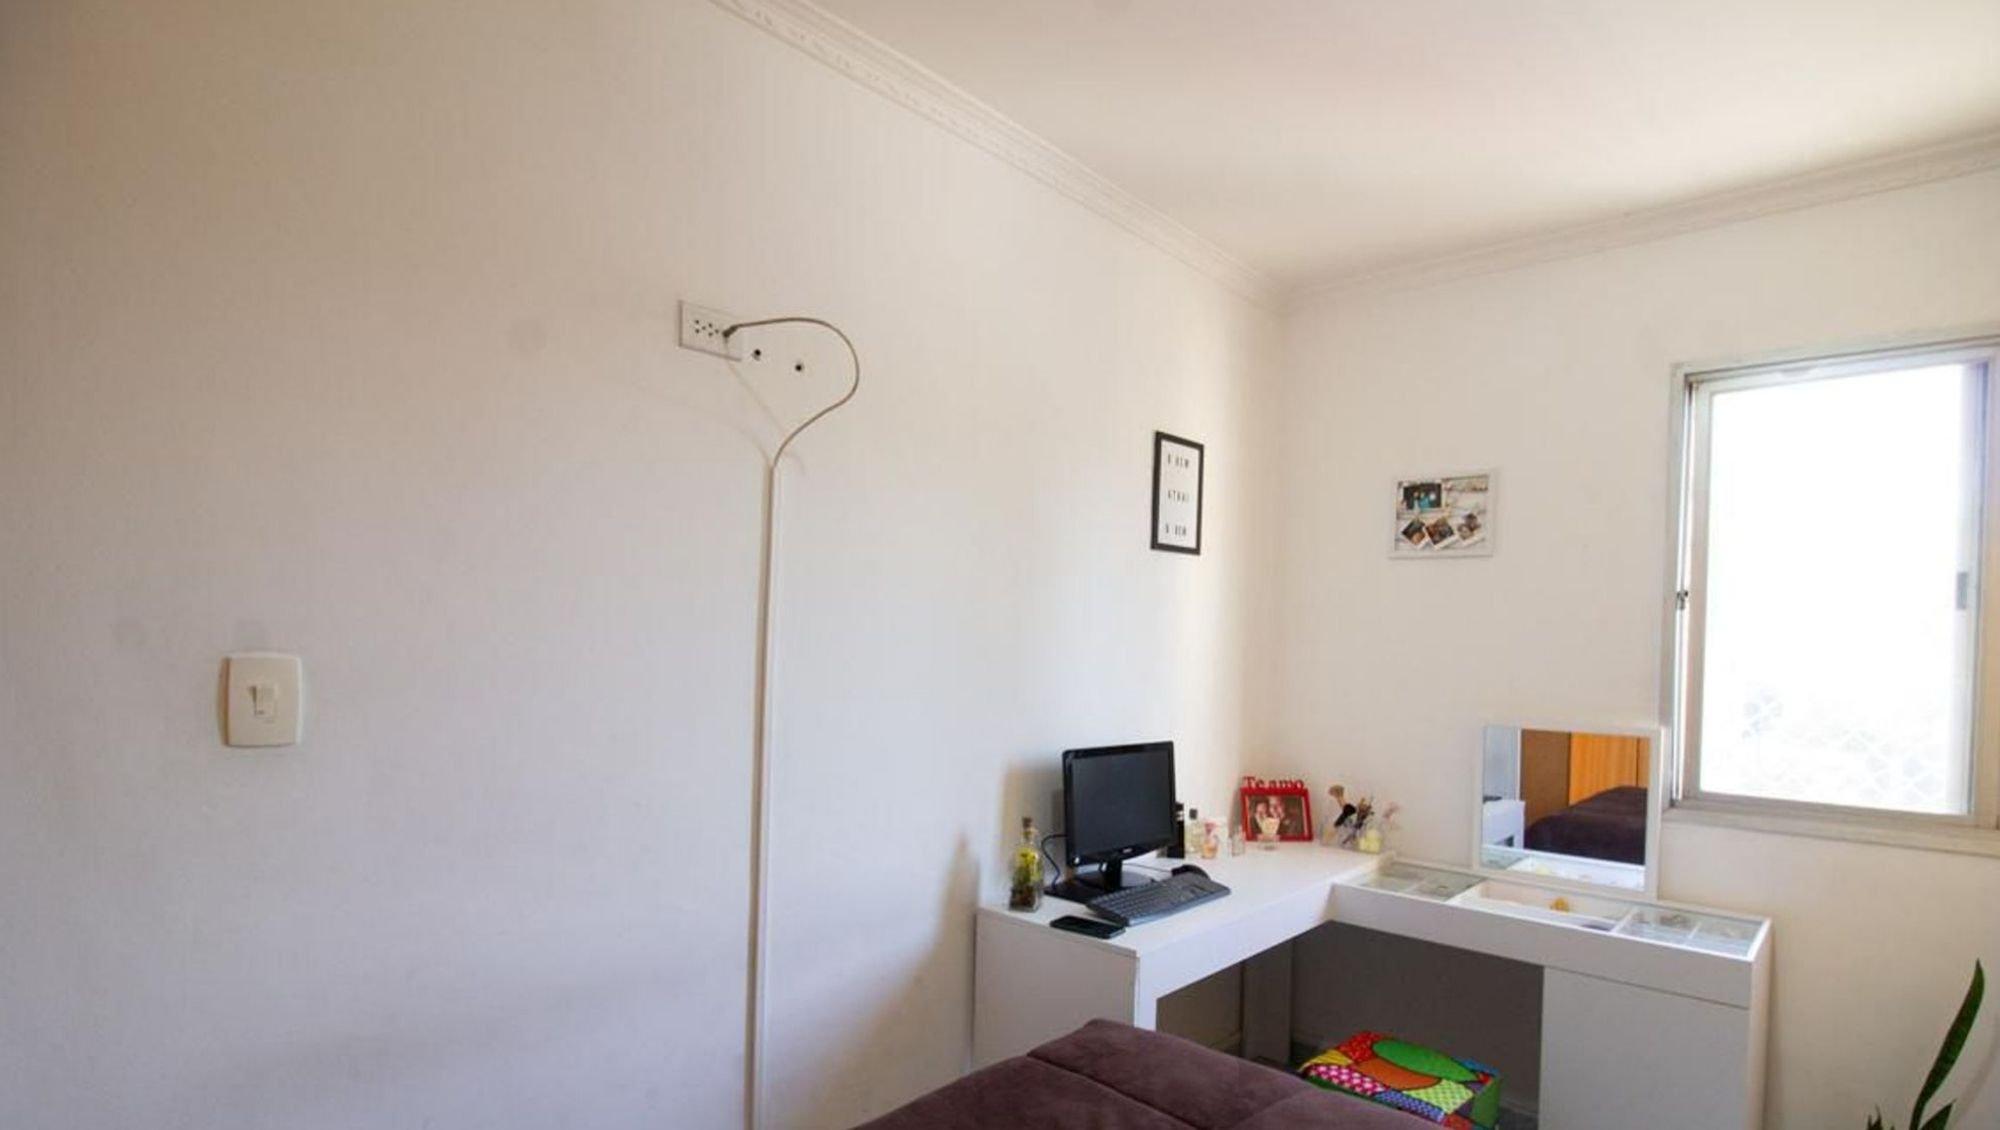 Foto de Sala com teclado, televisão, garrafa